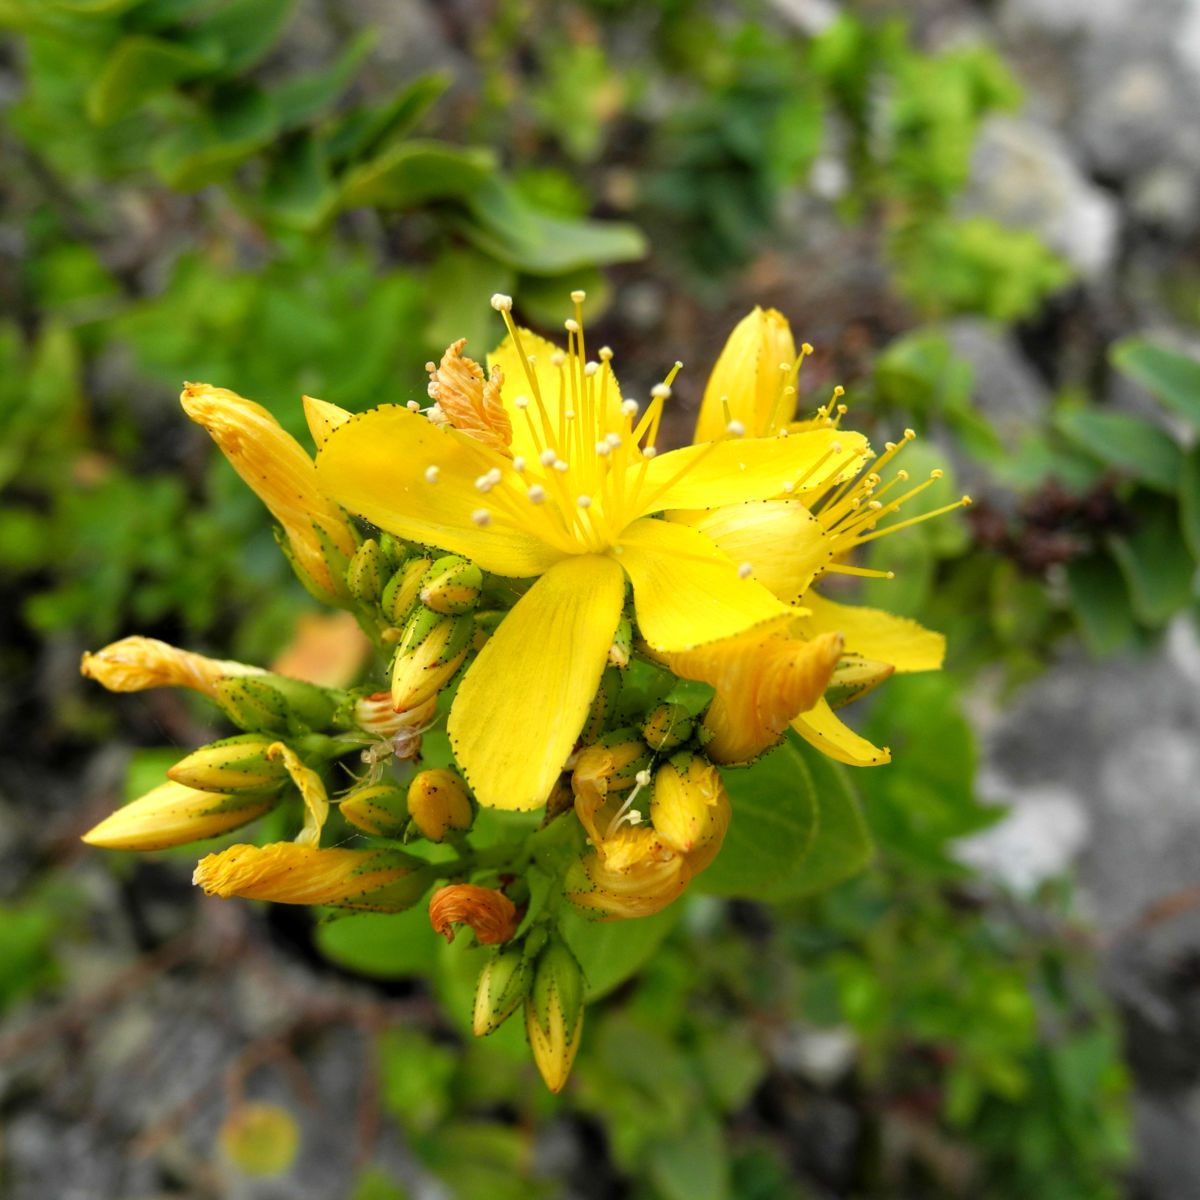 Kreuzblaettriges Johanniskraut Bluete gelb Hypericum reflexum